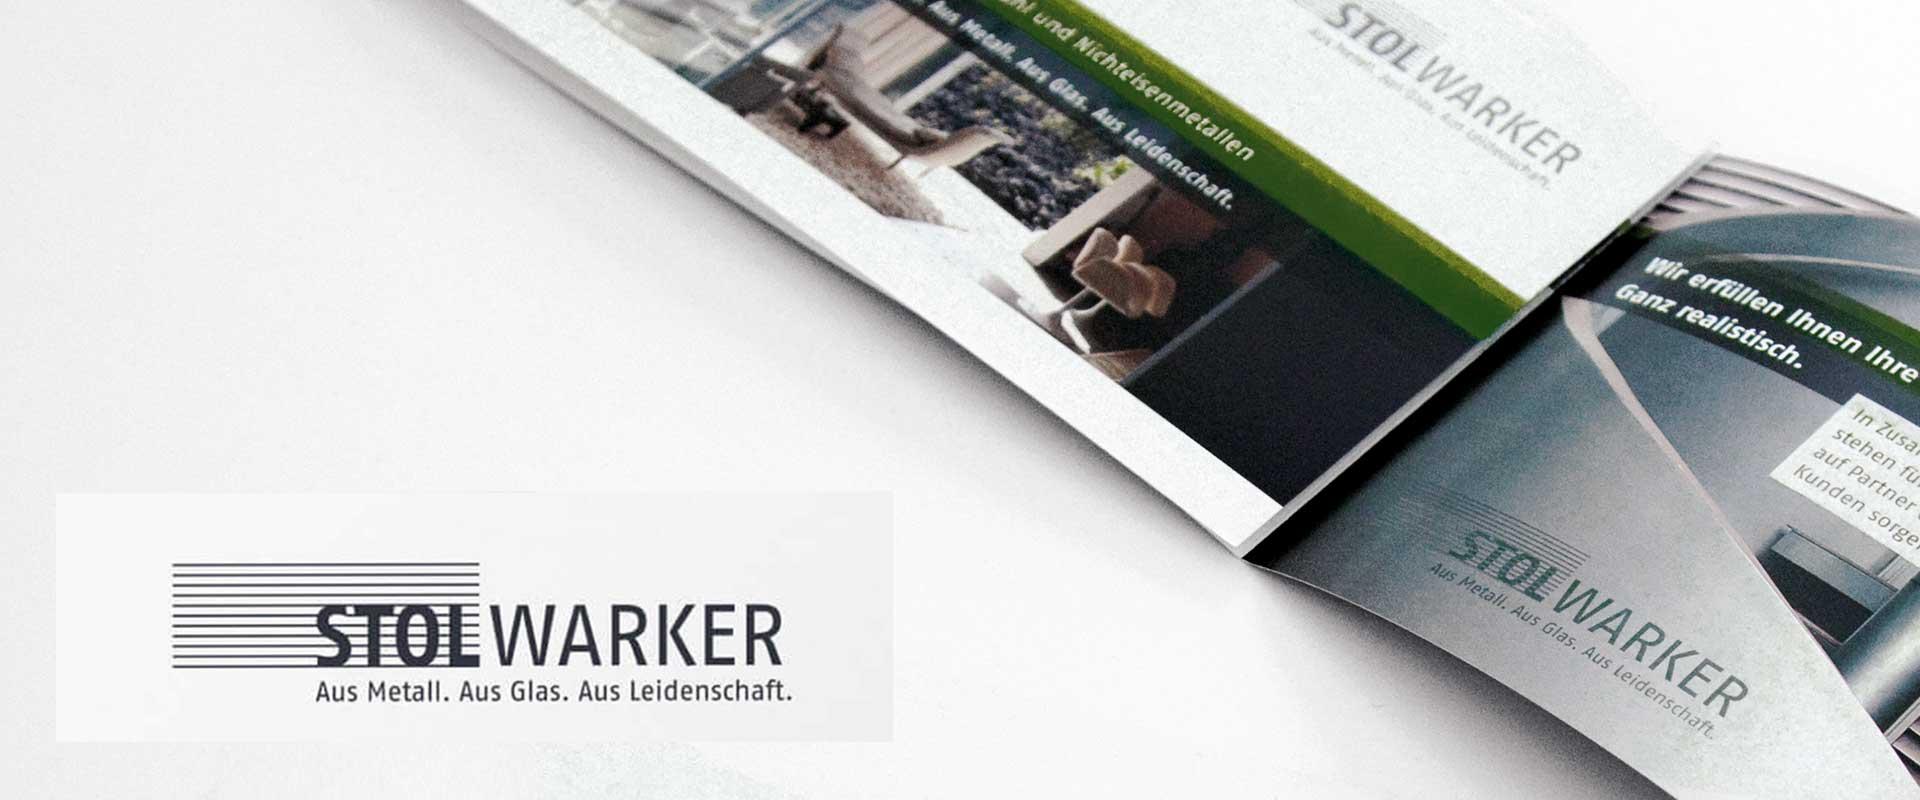 Namensentwicklung und Logo für Hamburger Handwerksunternehmen